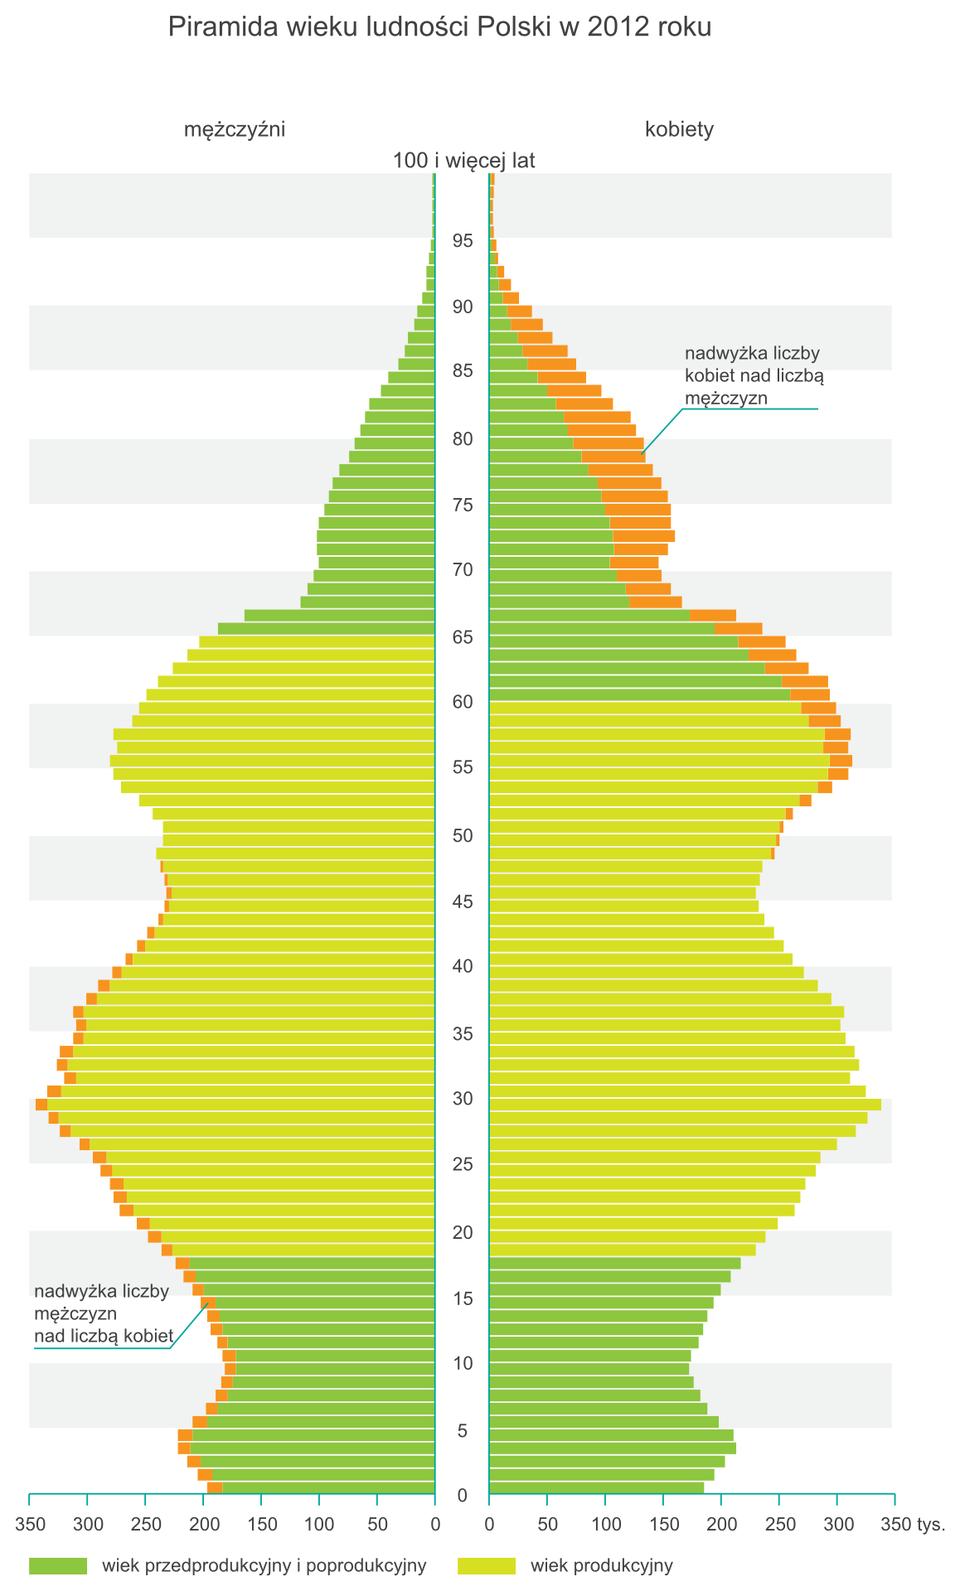 Na ilustracji piramida wieku ipłci dla Polski w2013 r. Zlewej strony mężczyźni, zprawej strony kobiety. Zbliżony przebieg wykresów dla obu płci, nadwyżka liczby mężczyzn nad liczbą kobiet wprzedziale 0-50 lat, nadwyżka liczby kobiet nad liczbą mężczyzn powyżej 50 lat. Wąska podstawa piramidy, dalej wykres szerszy, zwęża się około dziesiątego roku życia, potem nieco szerszy, zwęża się powtórnie około czterdziestego piątego roku życia, potem szerszy iokoło siedemdziesiątego roku życia znowu zwęża się.